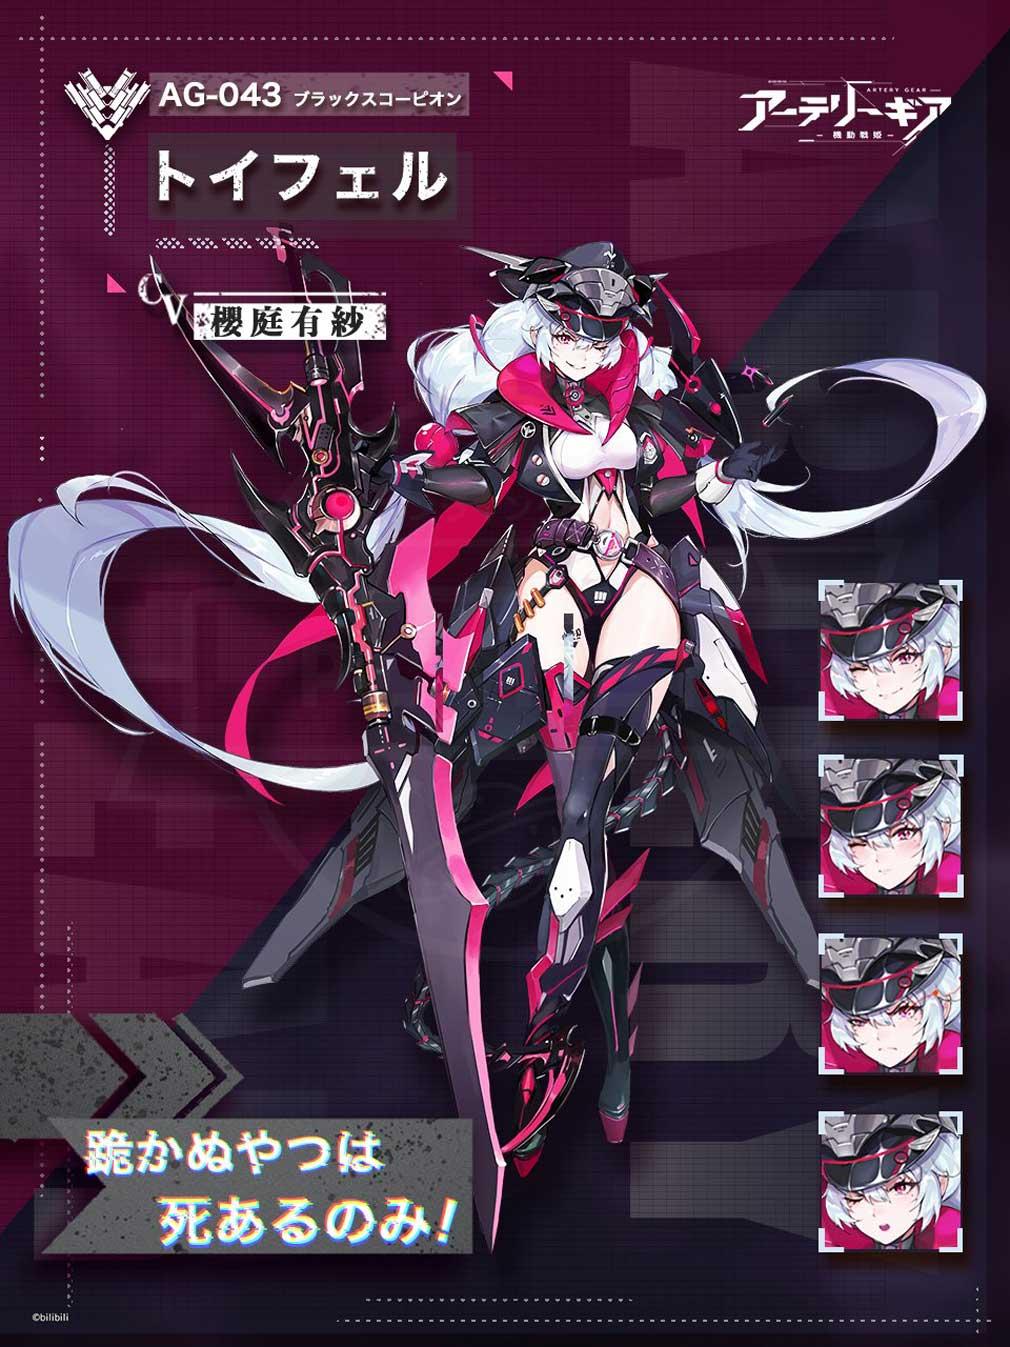 アーテリーギア 機動戦姫(アテギア) キャラクター『トイフェル』紹介イメージ